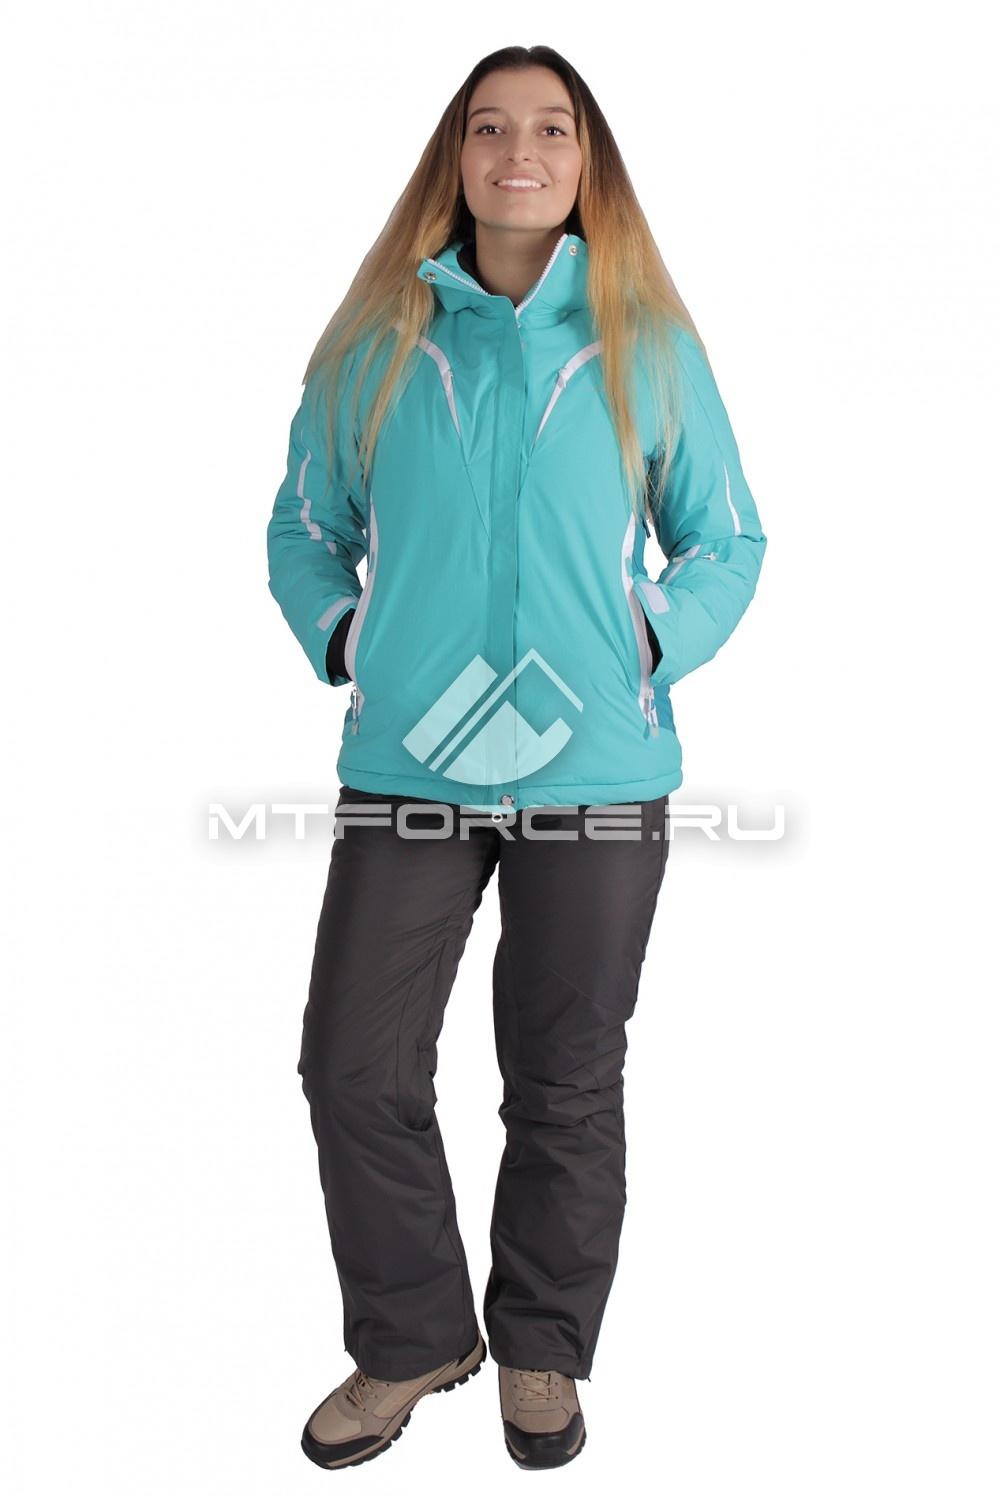 Купить                                  оптом Костюм горнолыжный женский бирюзового цвета 01628Br